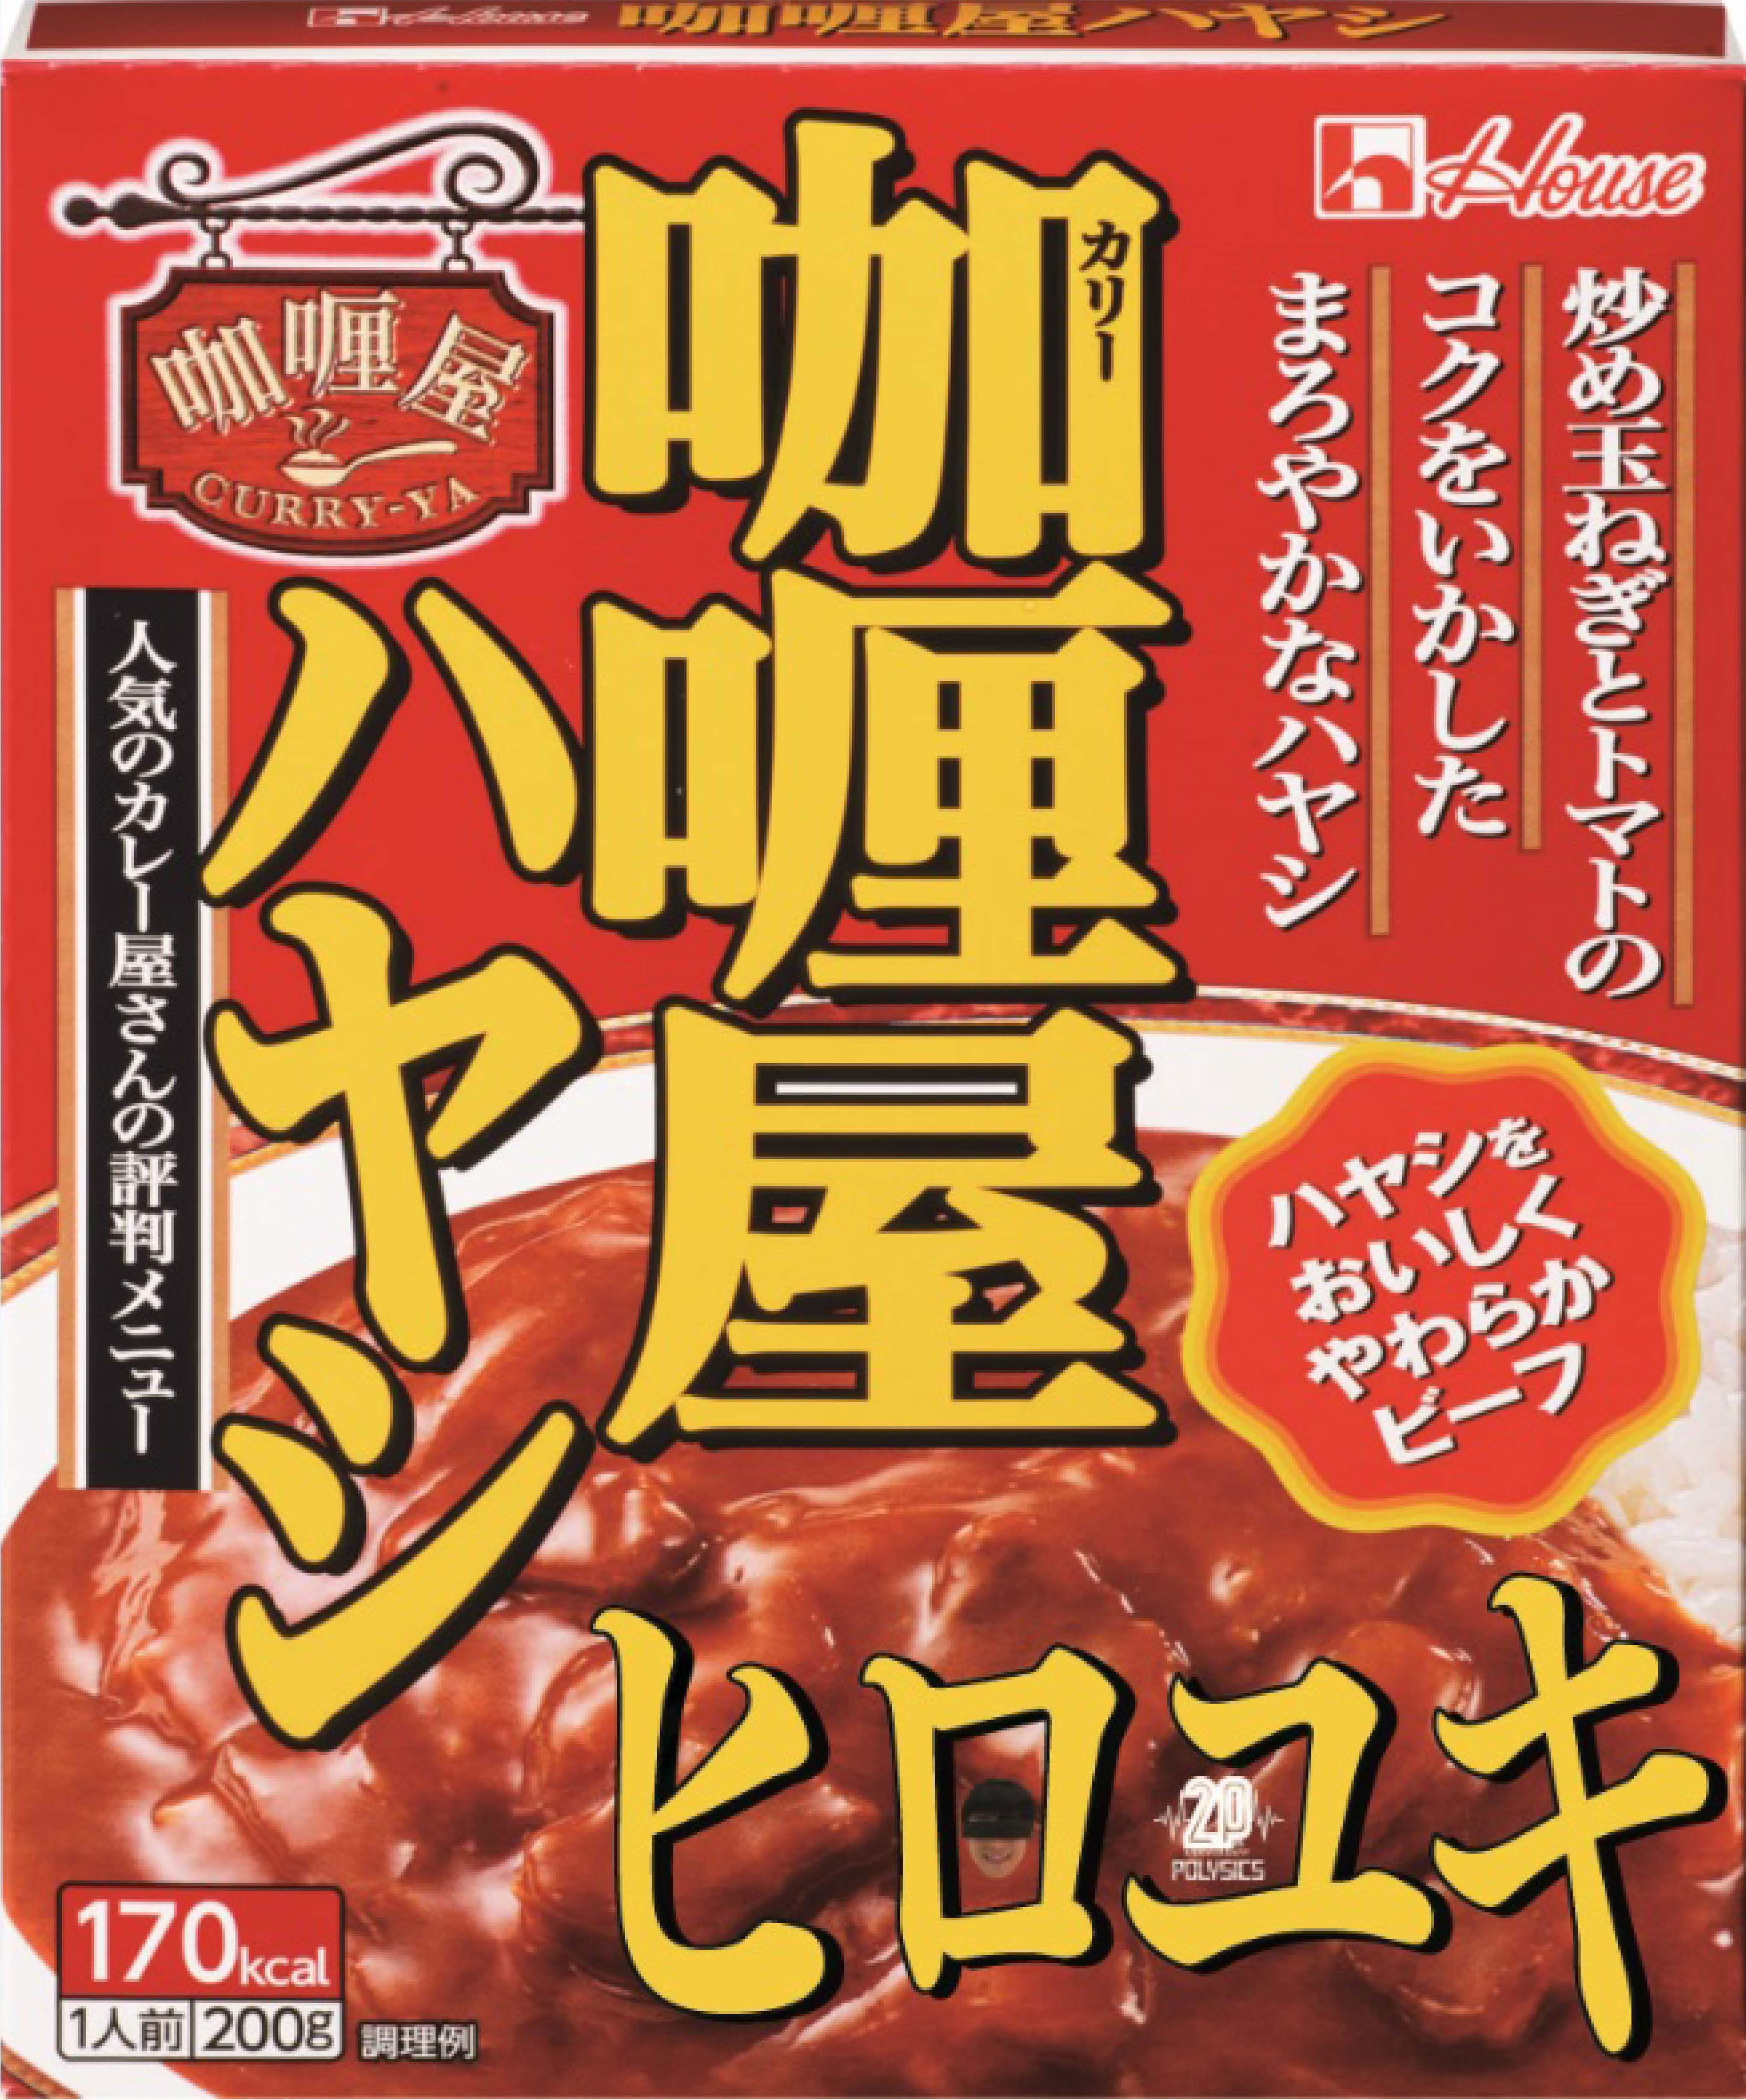 ハウス咖喱屋ハヤシ ヒロユキPOLYSICS20周年記念スペシャルパッケージ